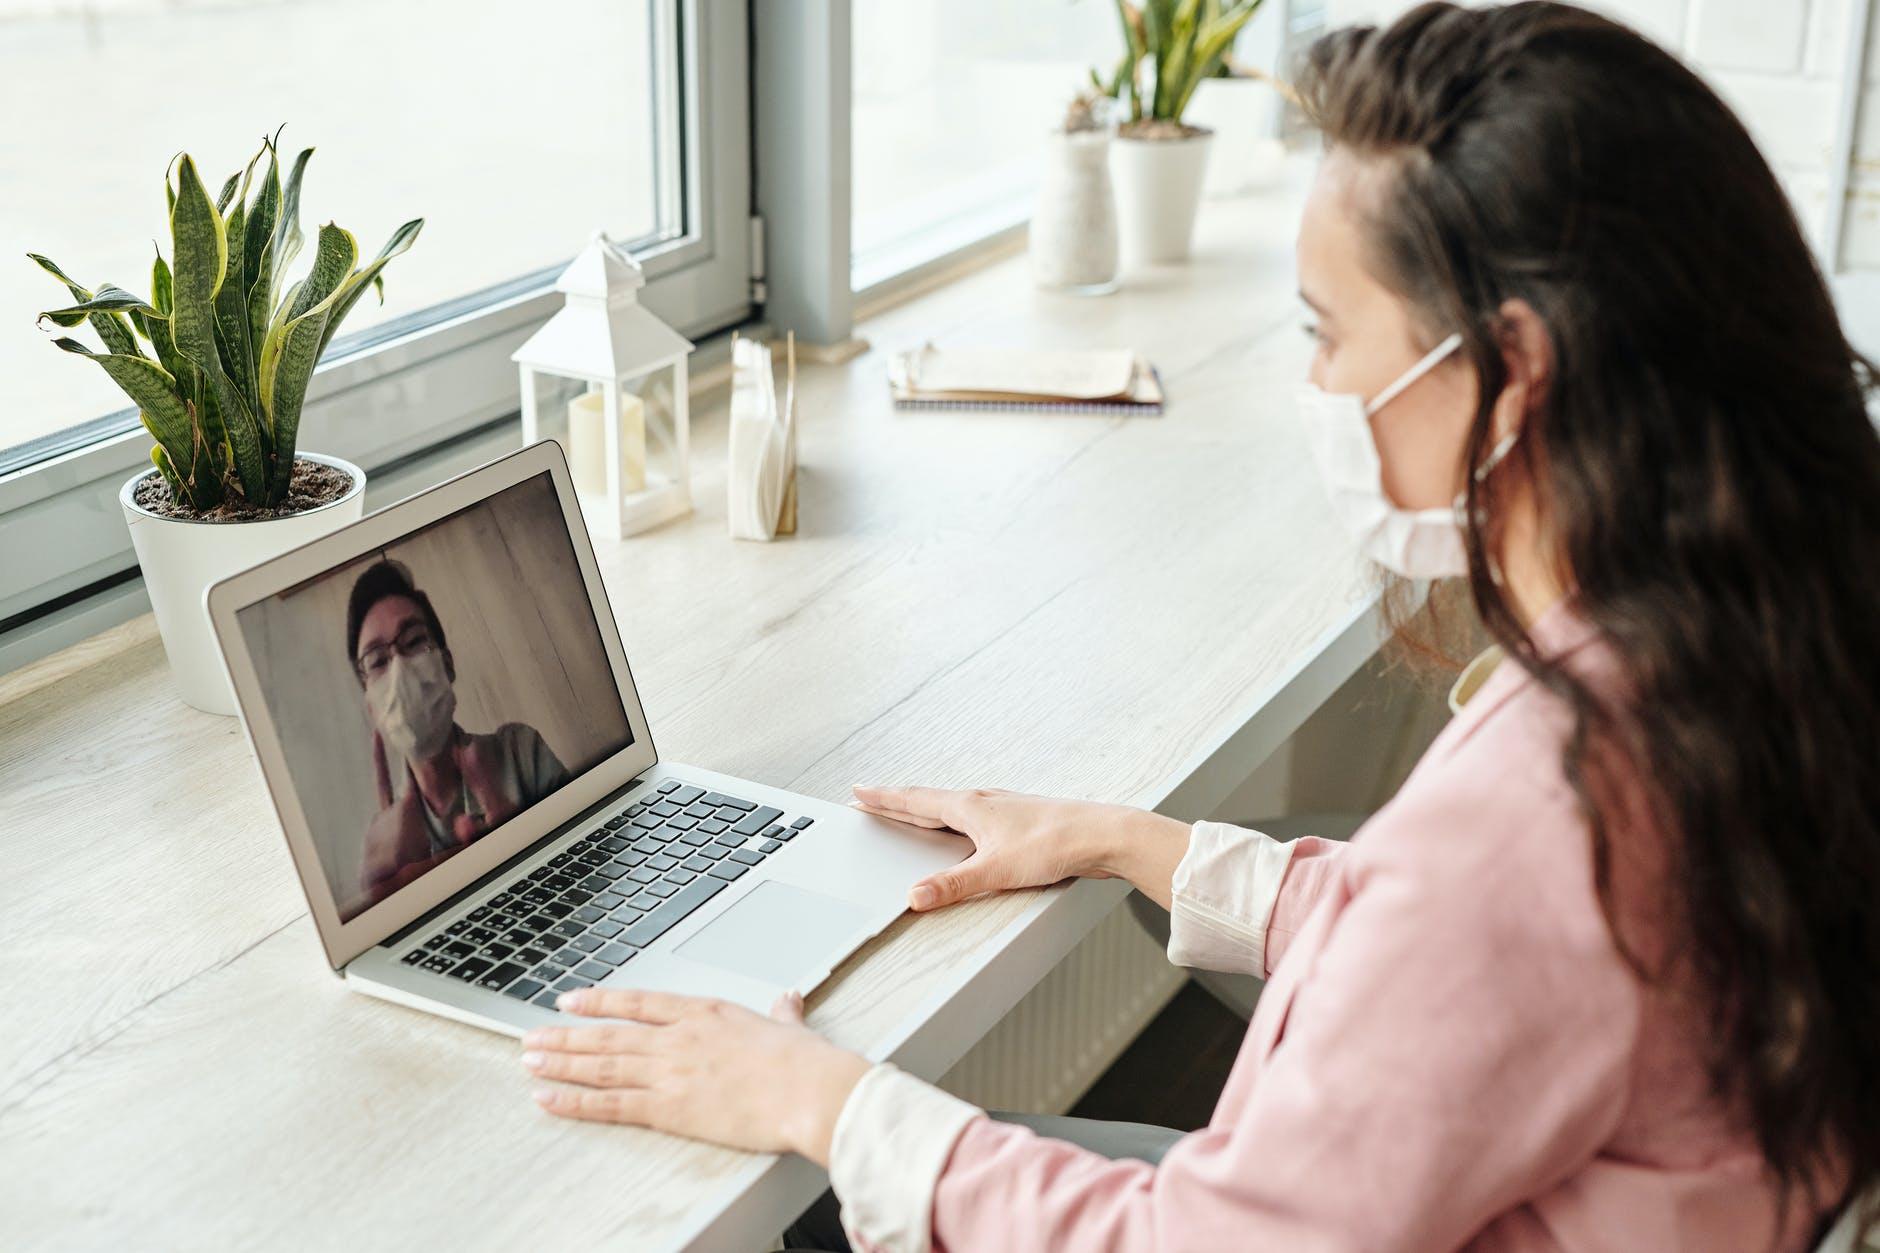 Online during Self Quarantine